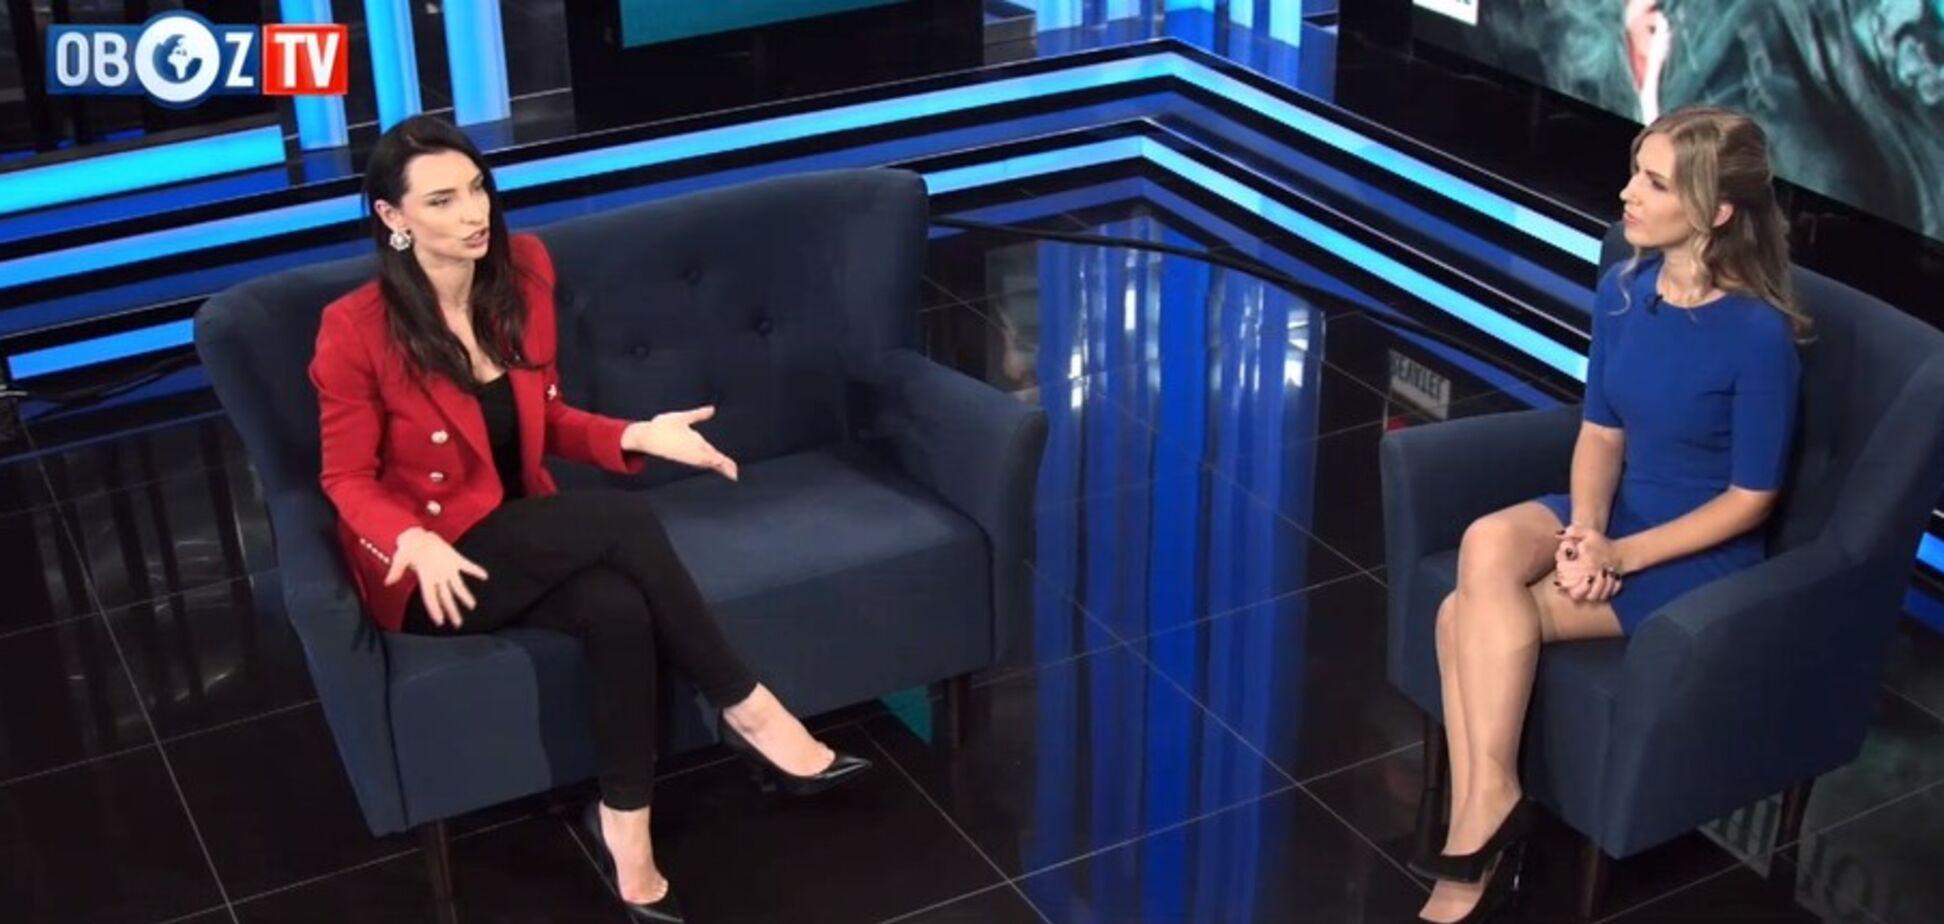 Прима розповіла як виграти квитки на 'Віденський вальс' у Києві